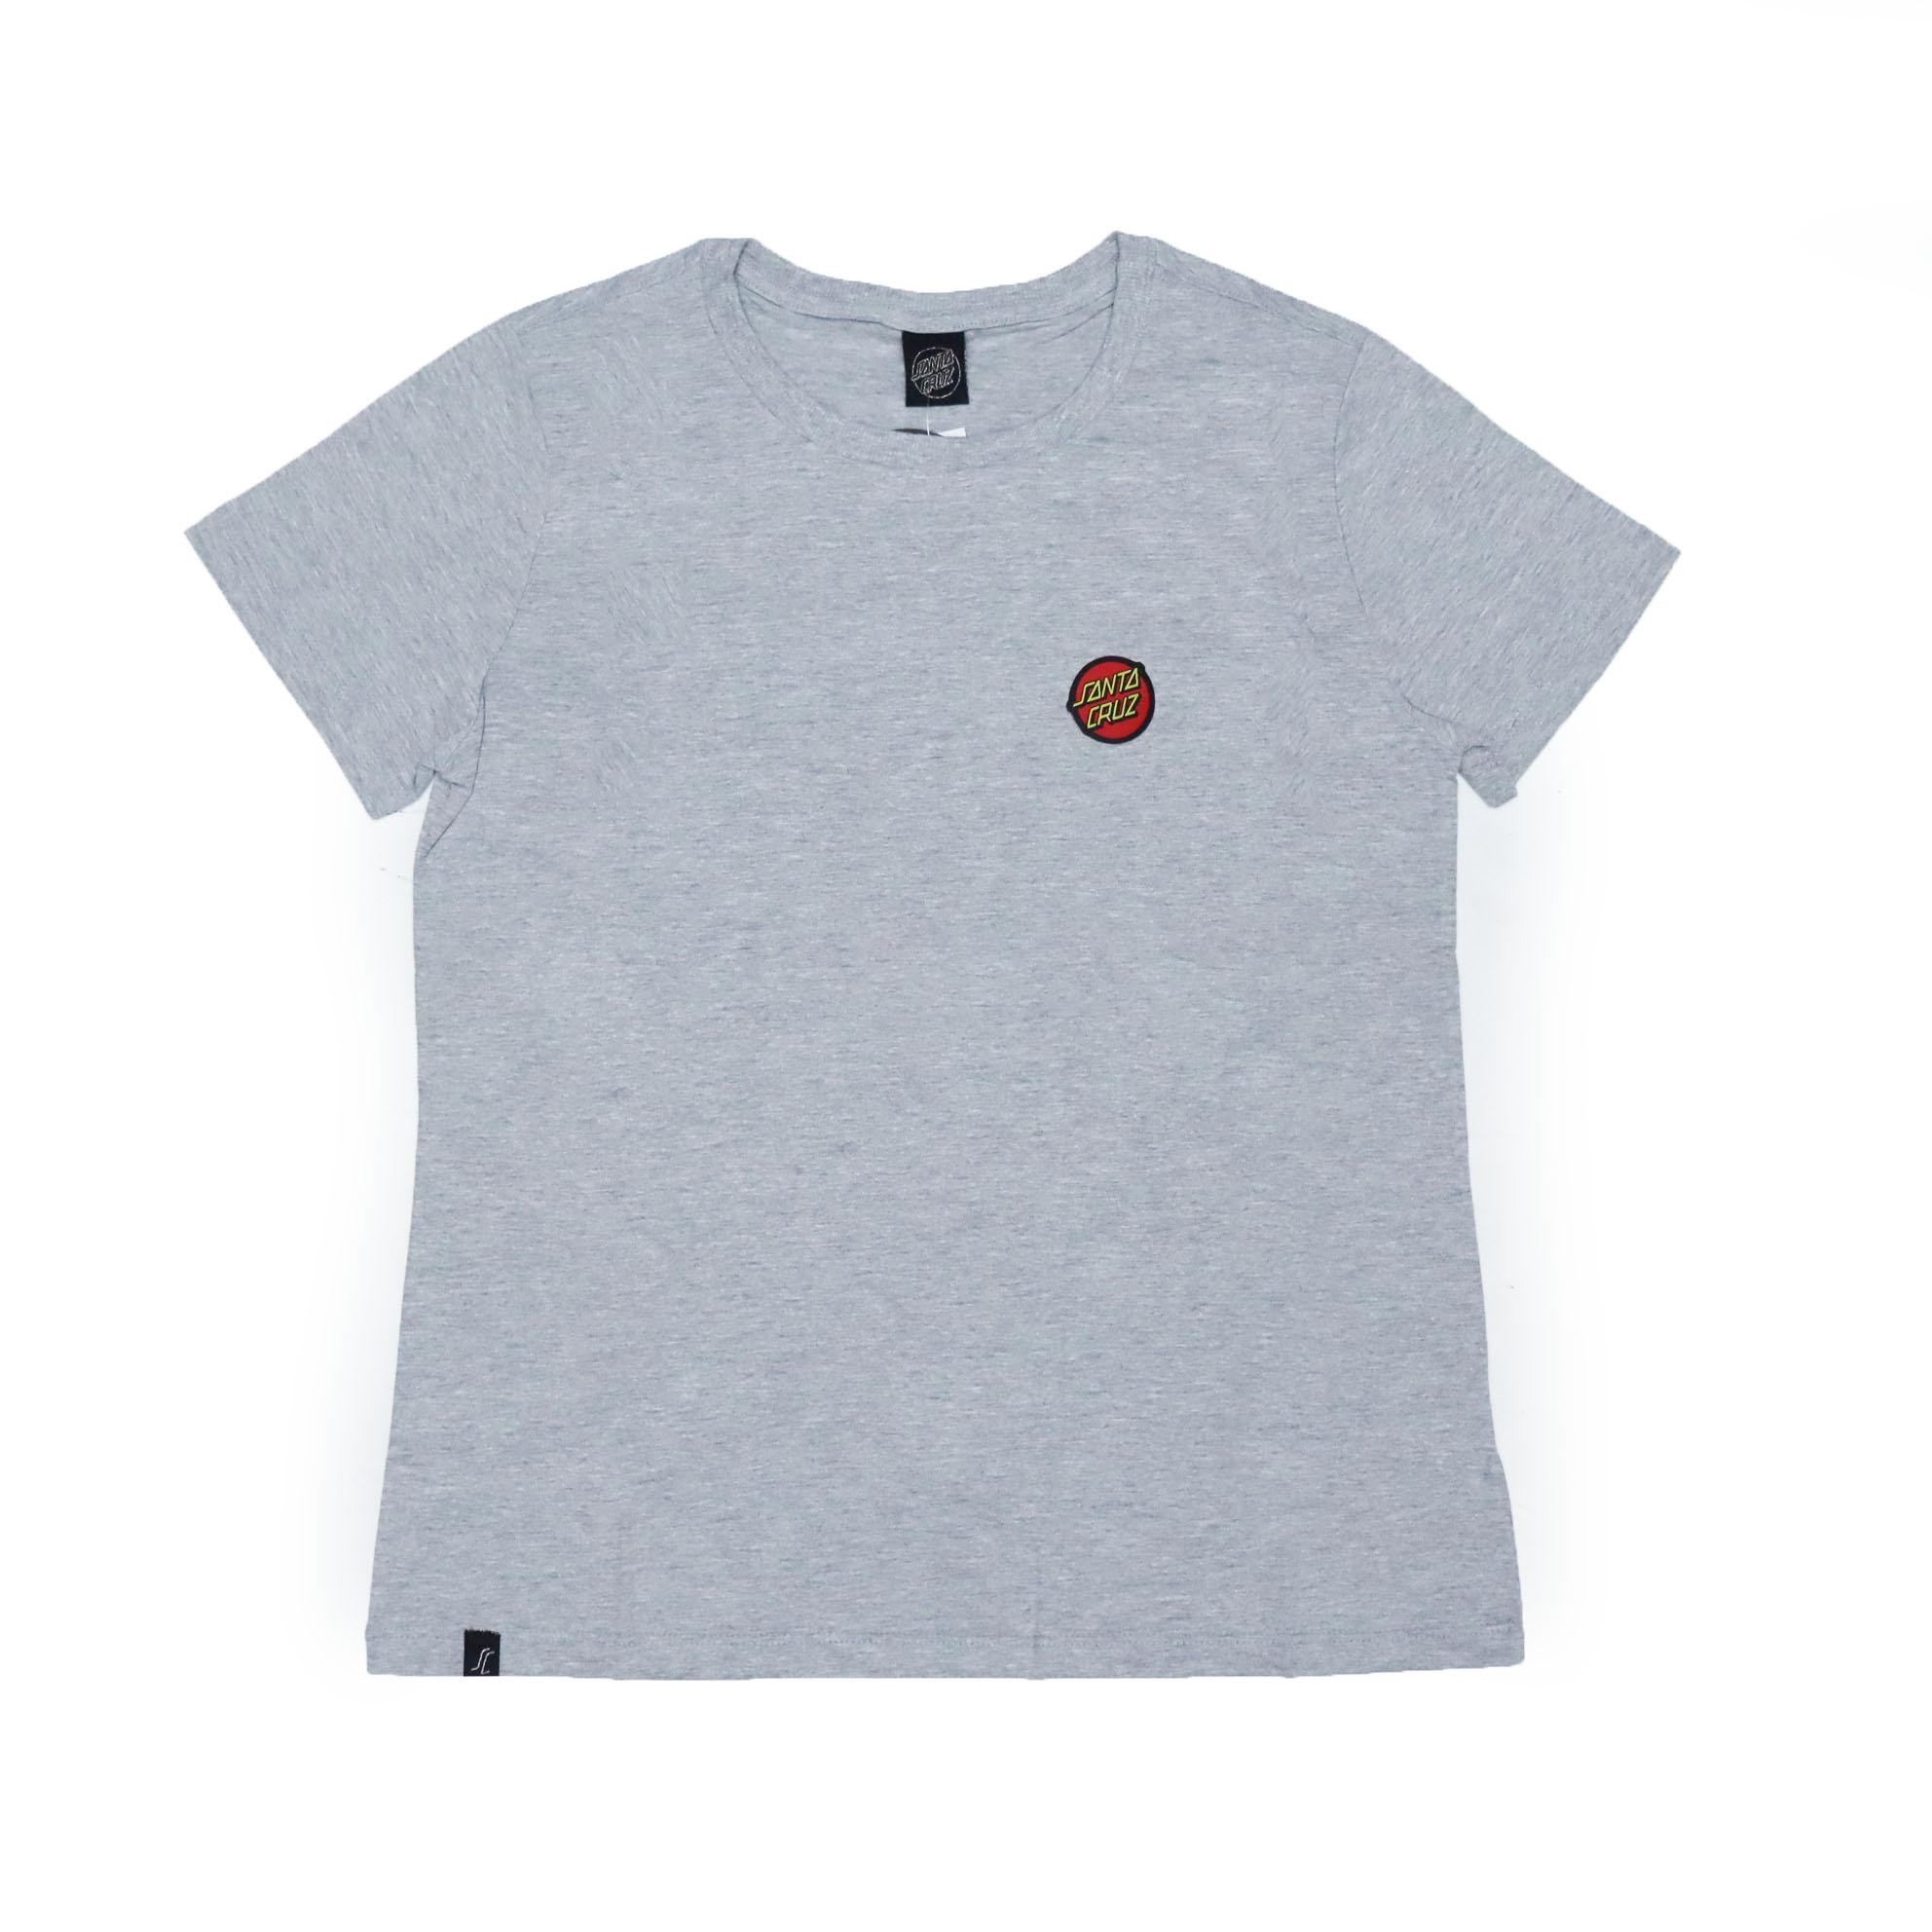 Camiseta Feminina Santa Cruz Classic Dot Chest - Cinza Mescla